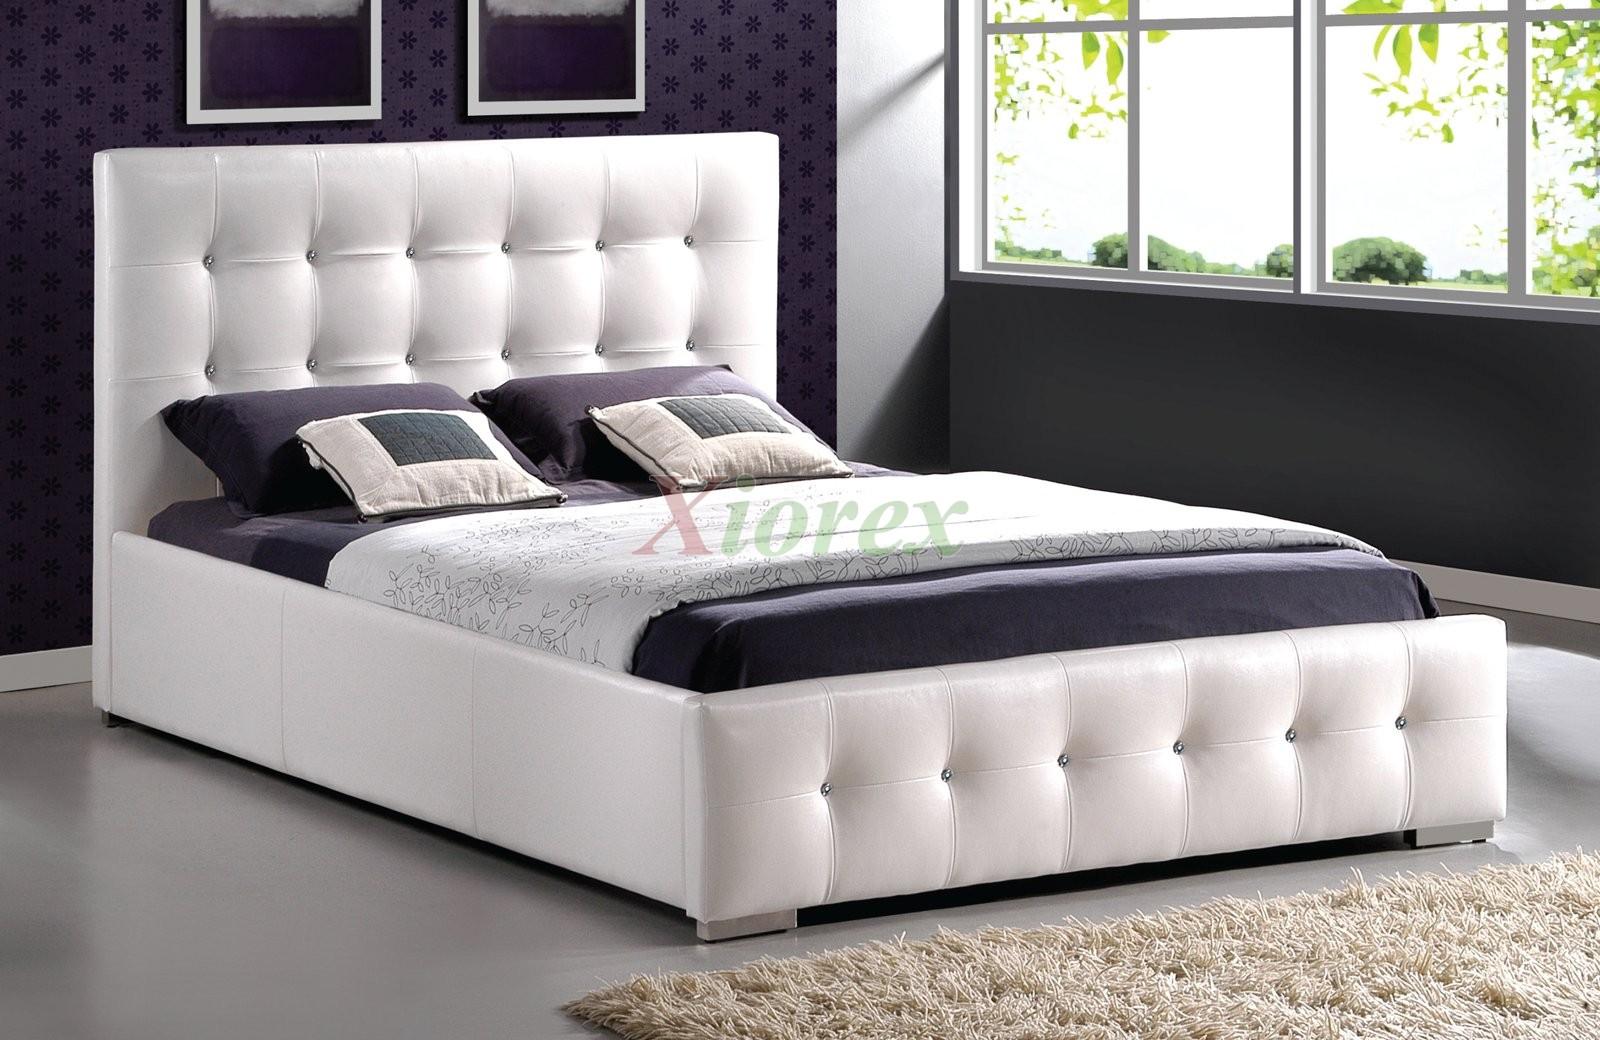 Upholstered Tufted Platform Bed Furniture 183 | Xiorex